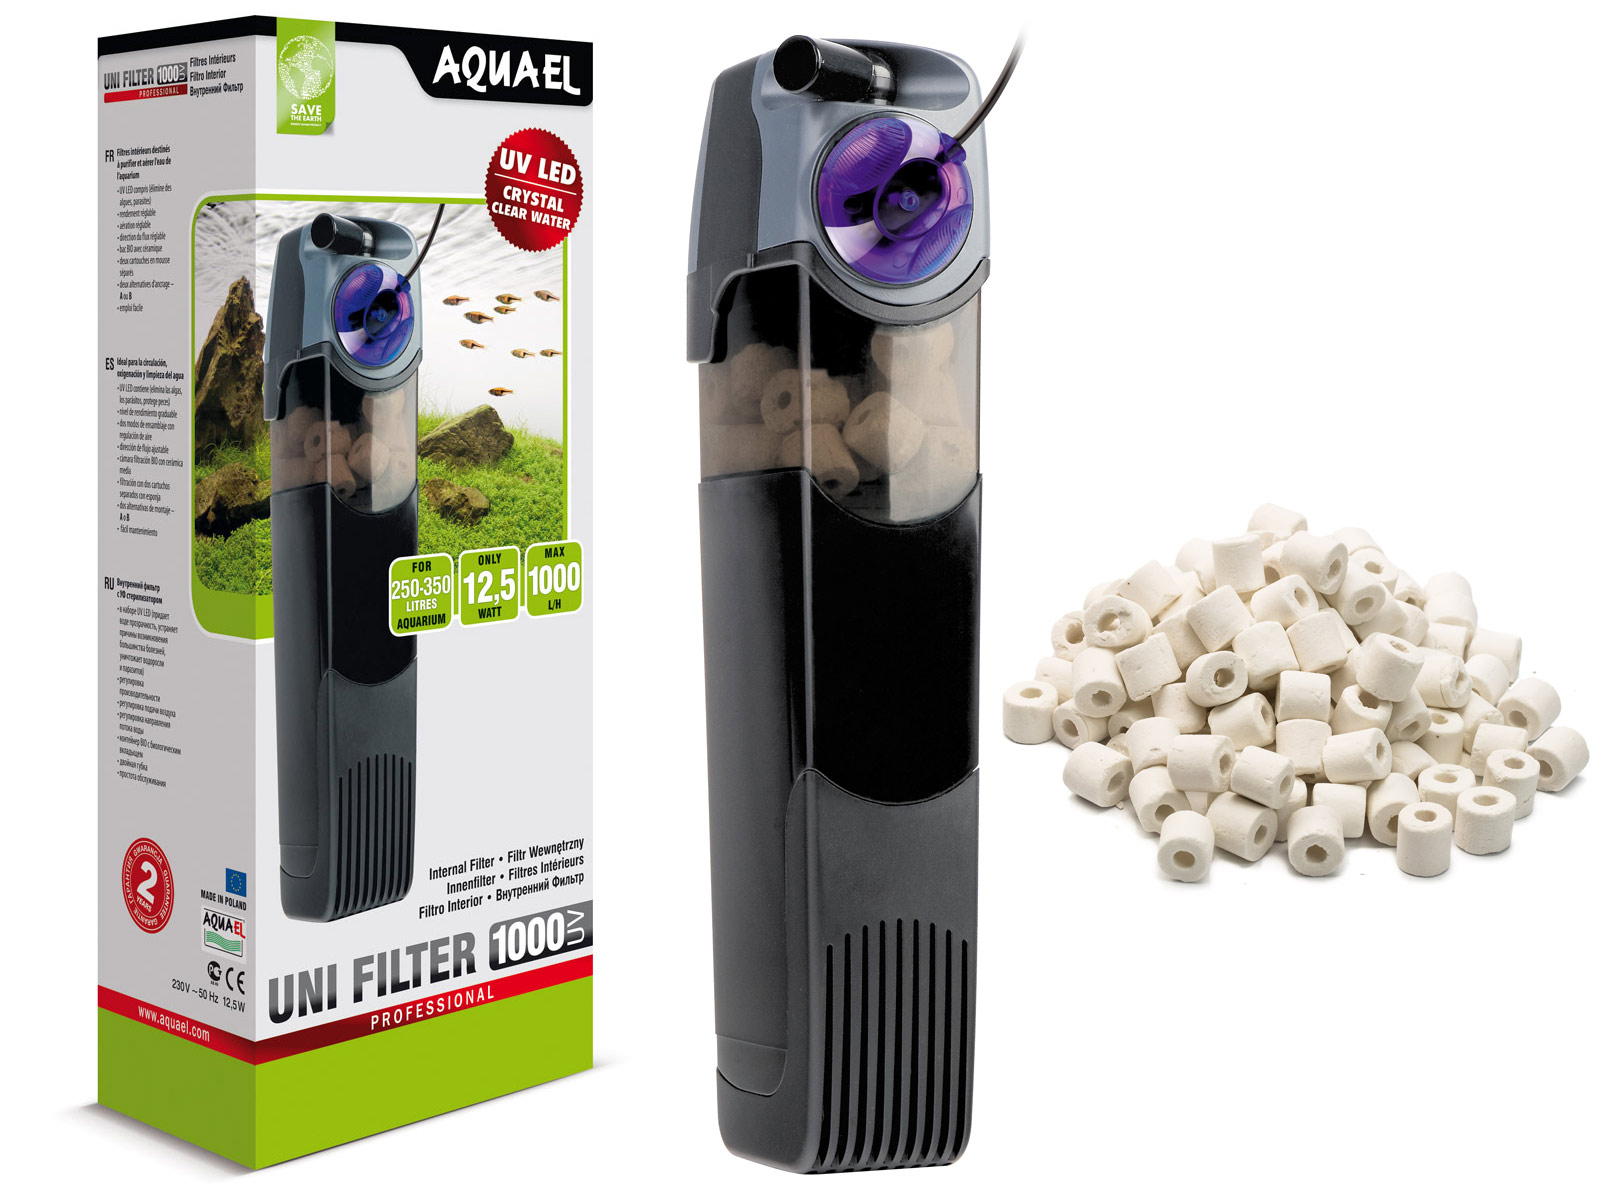 Фильтр для маленького аквариума (мини, нано): внутренний или внешний, самые лучшие модели для объема на 5, 7, 10, 15, 20, 25, 30 литров